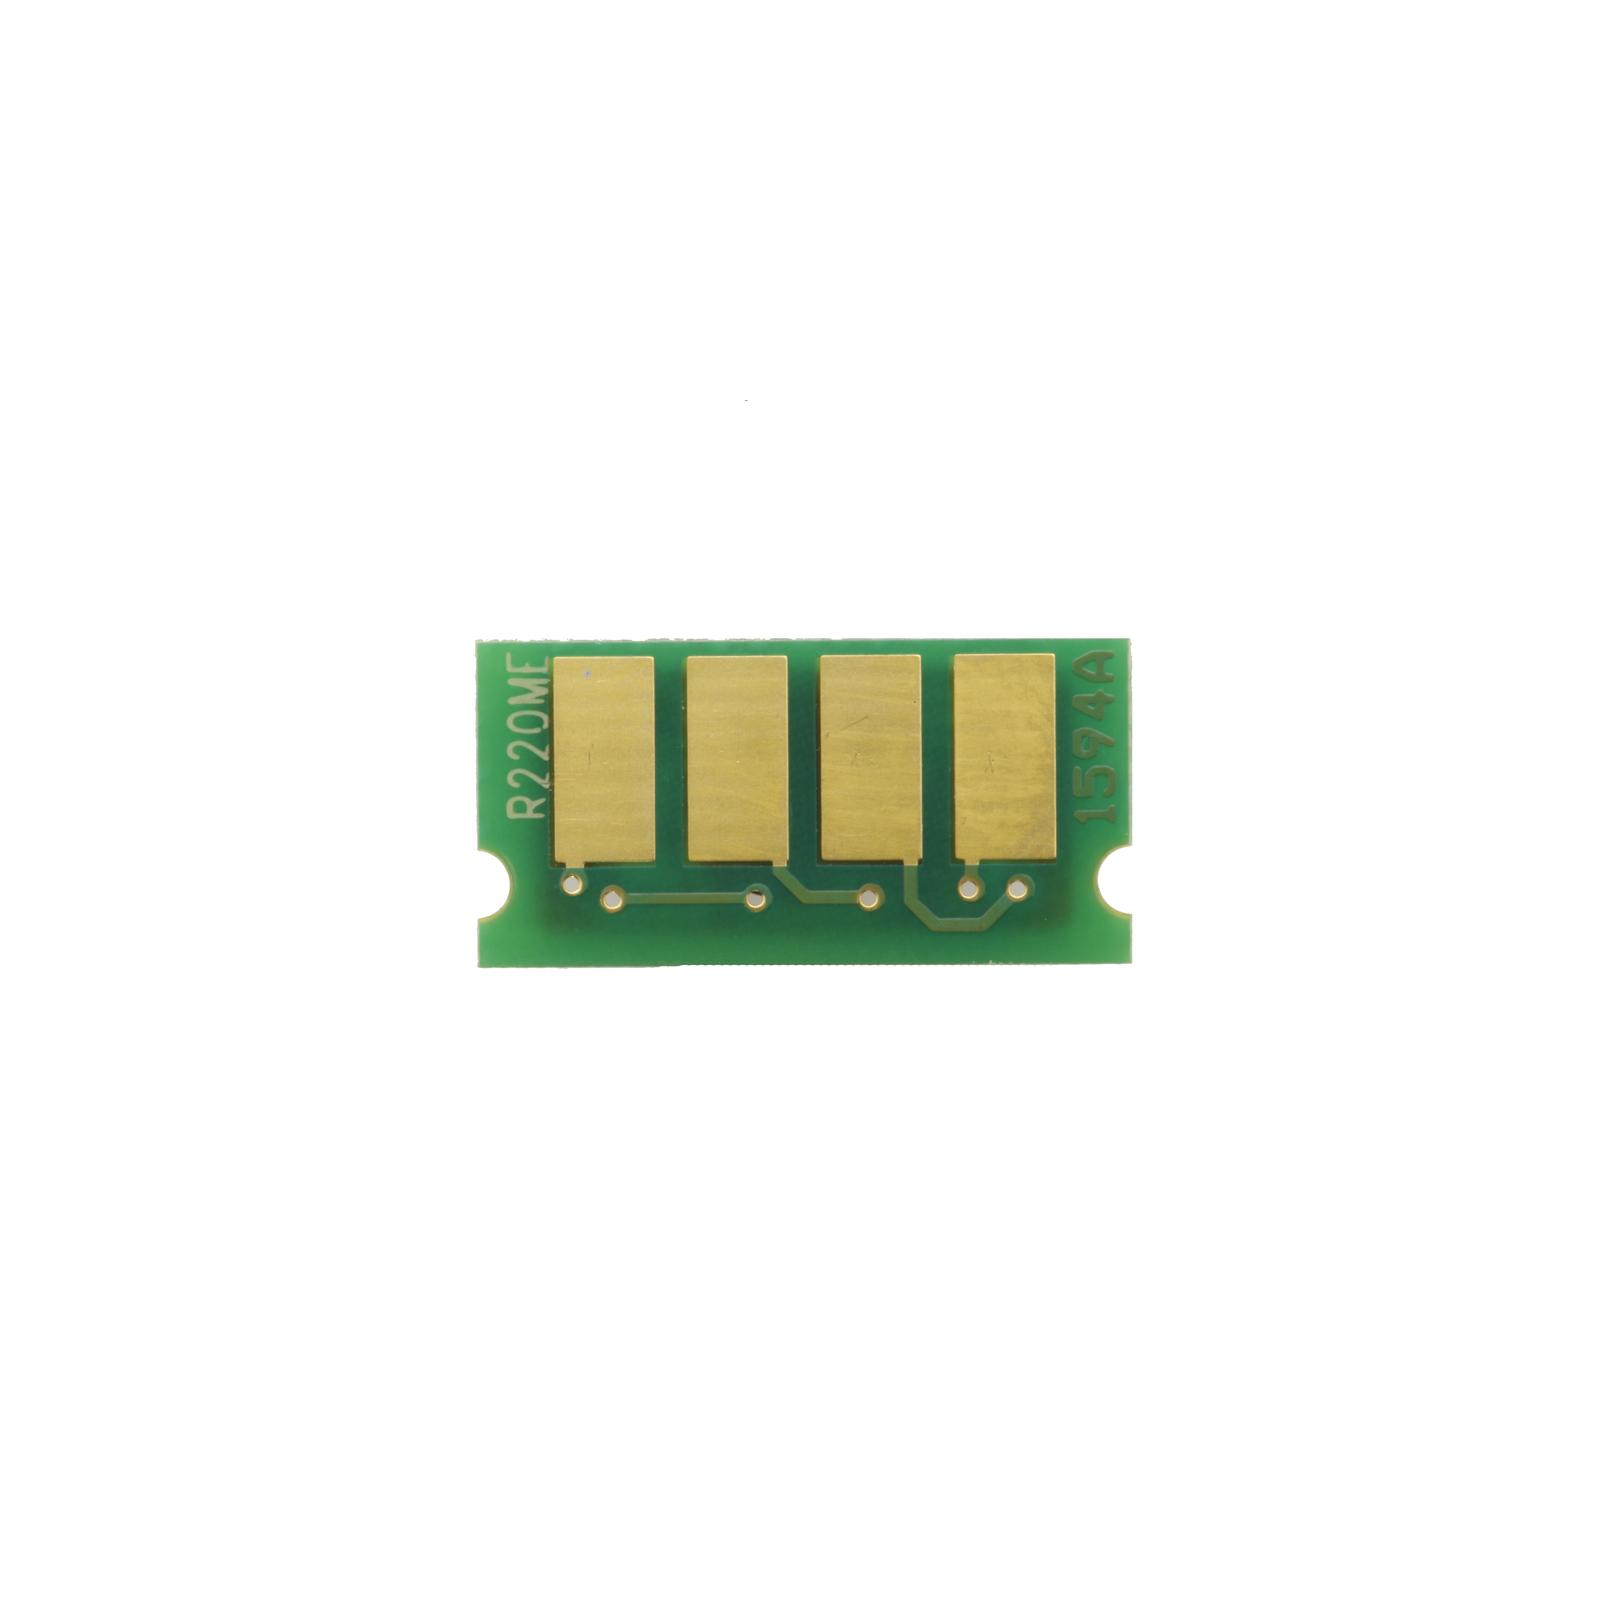 Чип для картриджа Ricoh Aficio SP C220 (406054) 2k magenta Static Control (RC220CP-MEU)